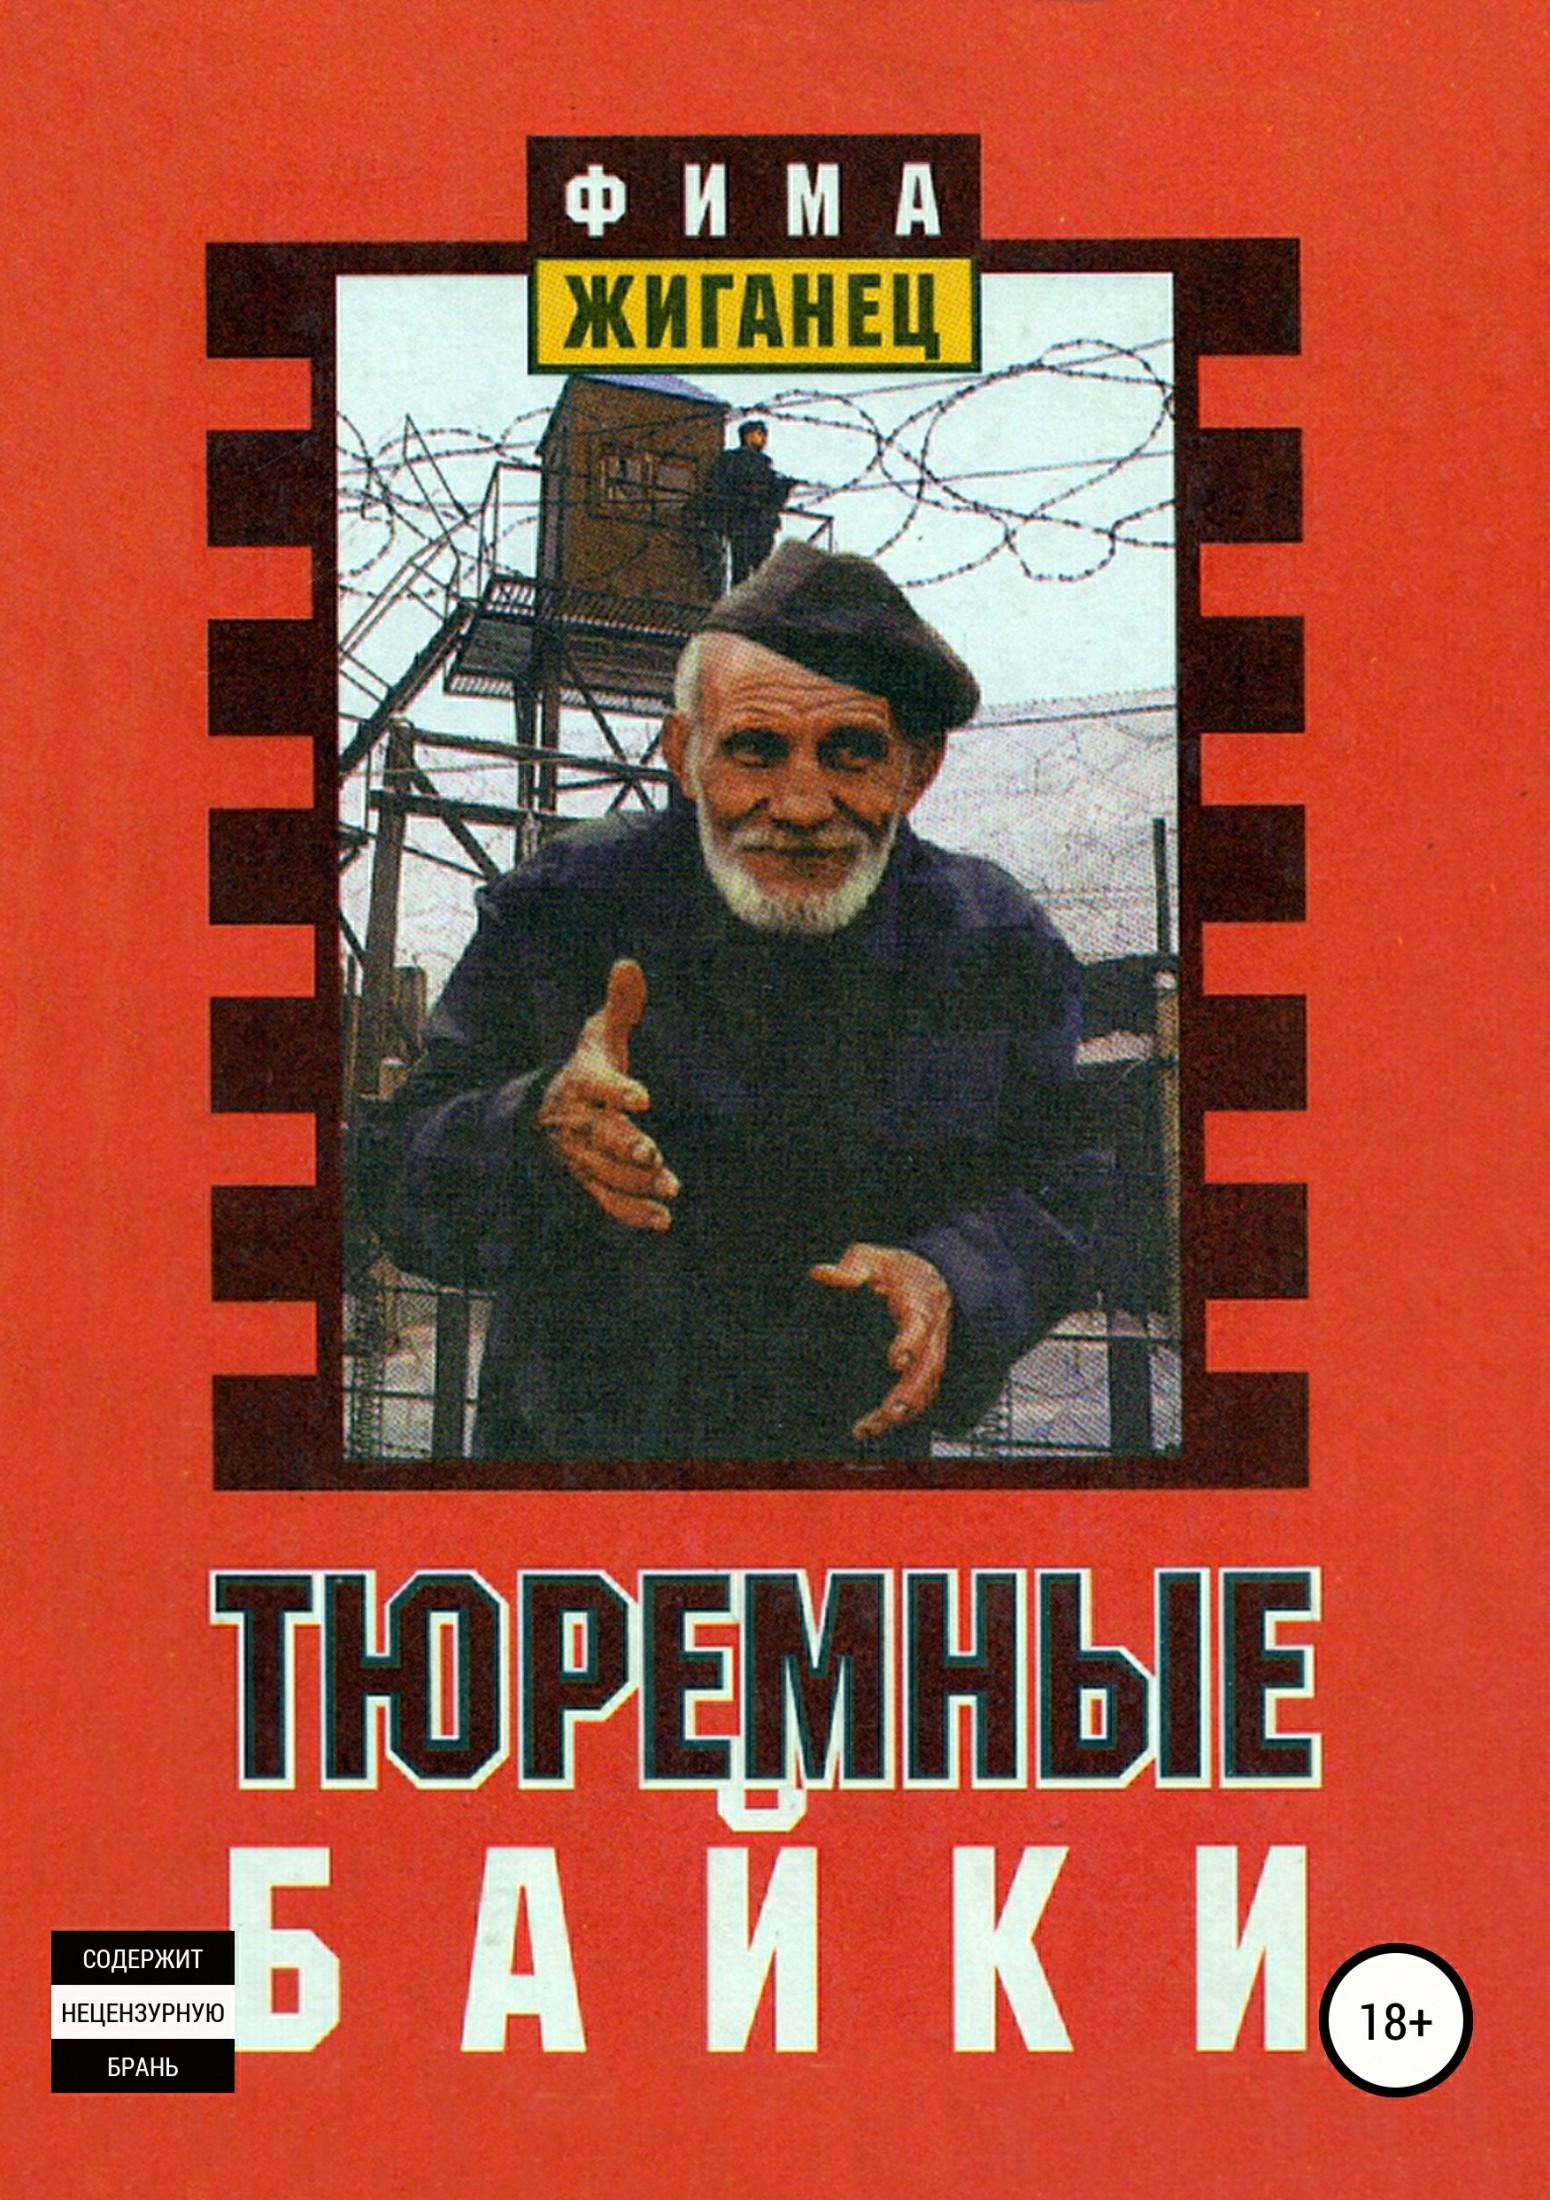 Фима Жиганец. Тюремные байки